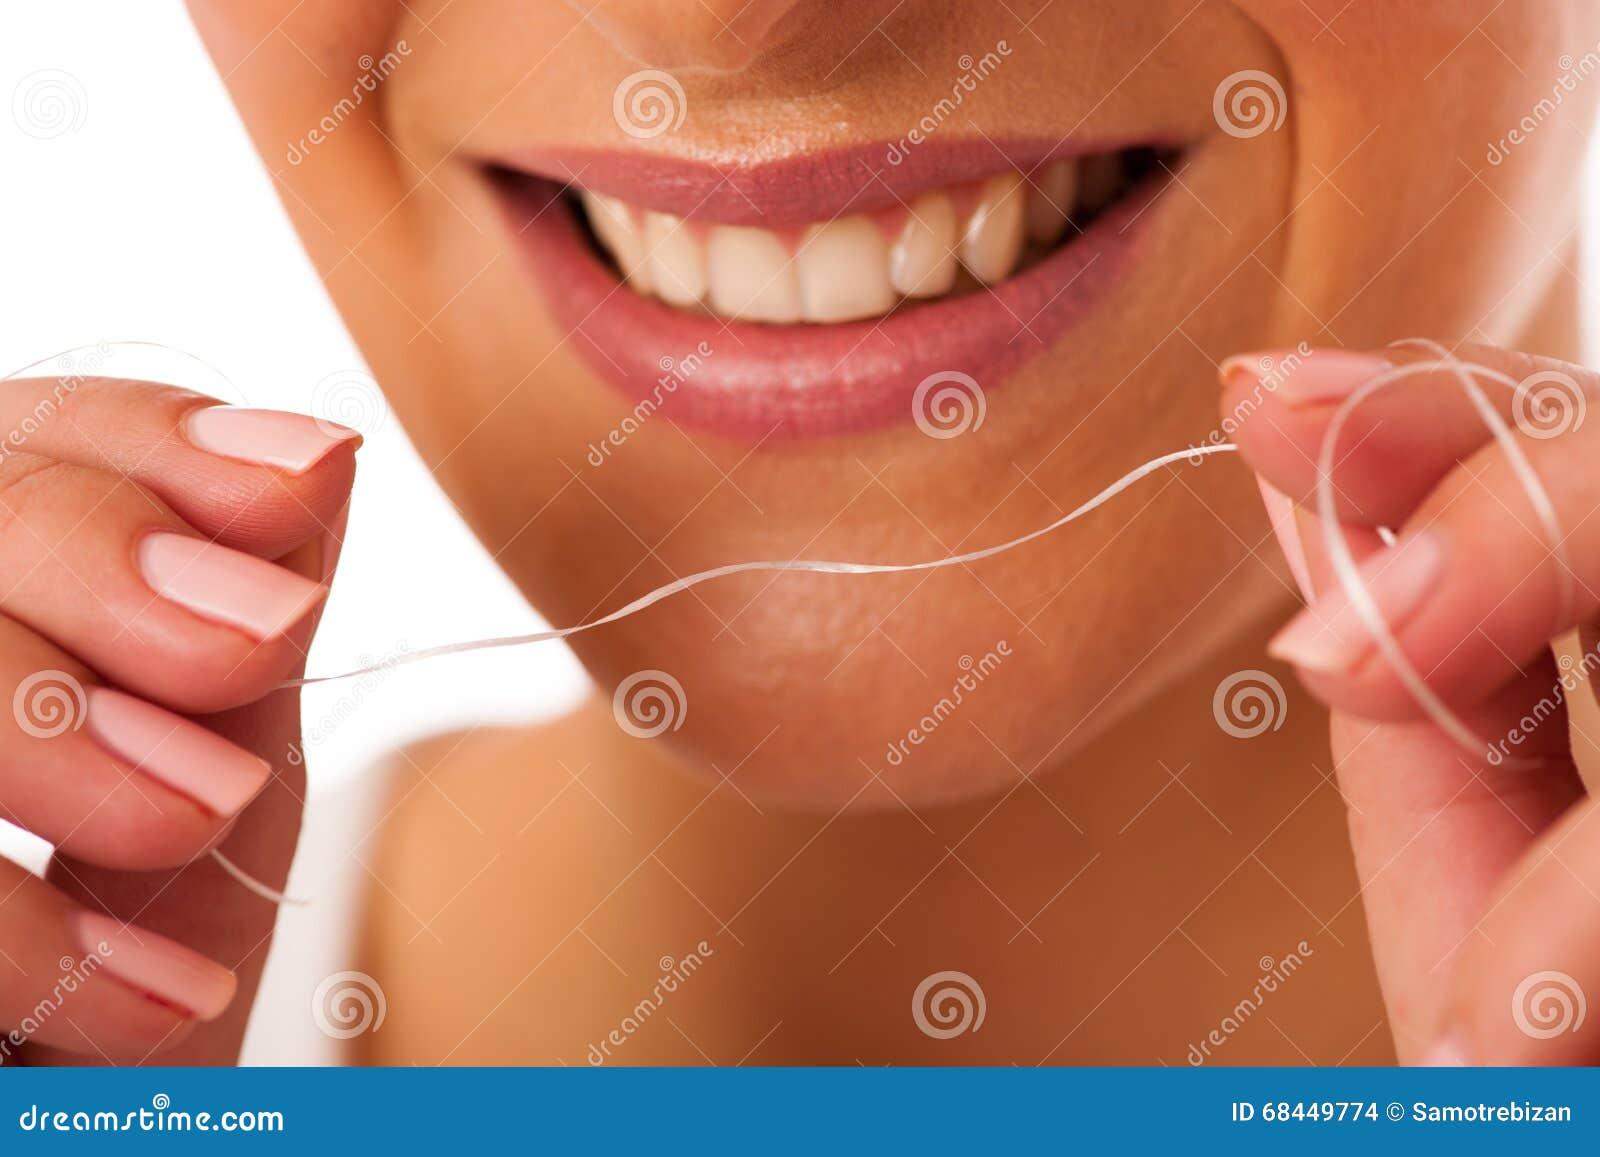 c2c83b15b Dentes da limpeza da mulher com fio dental para a higiene e h perfeitos